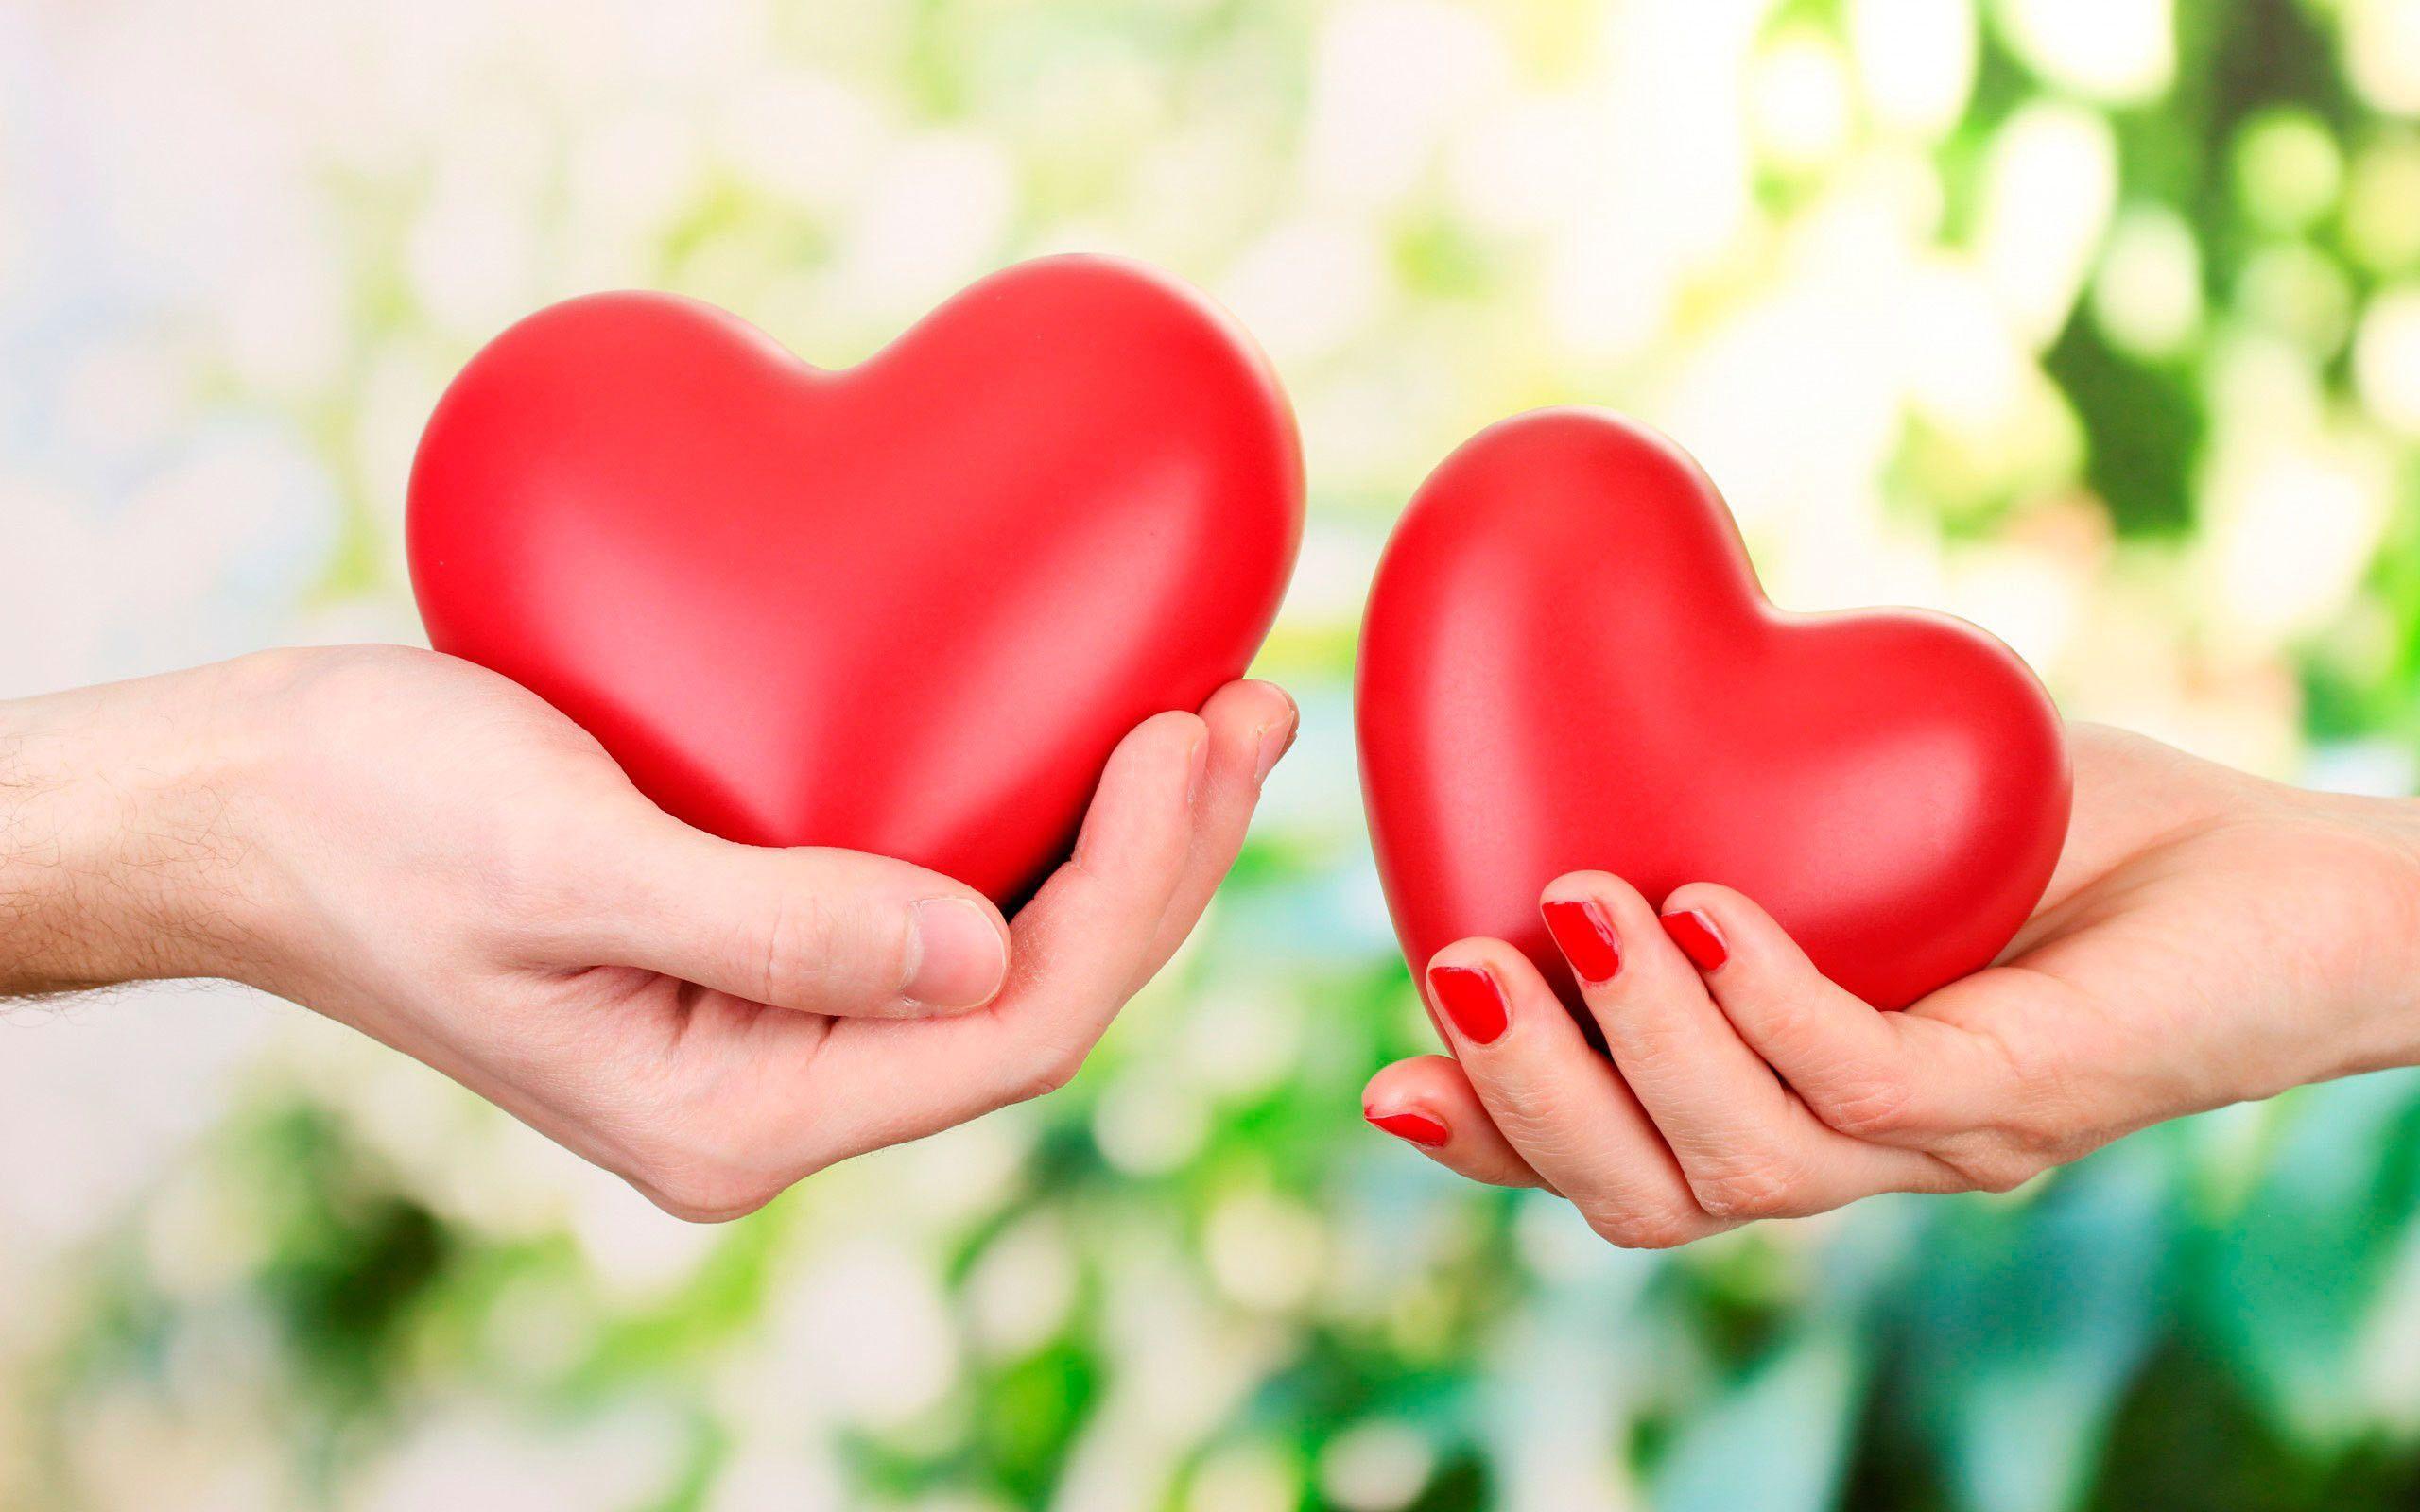 Cute Heart Desktop Wallpapers Top Free Cute Heart Desktop